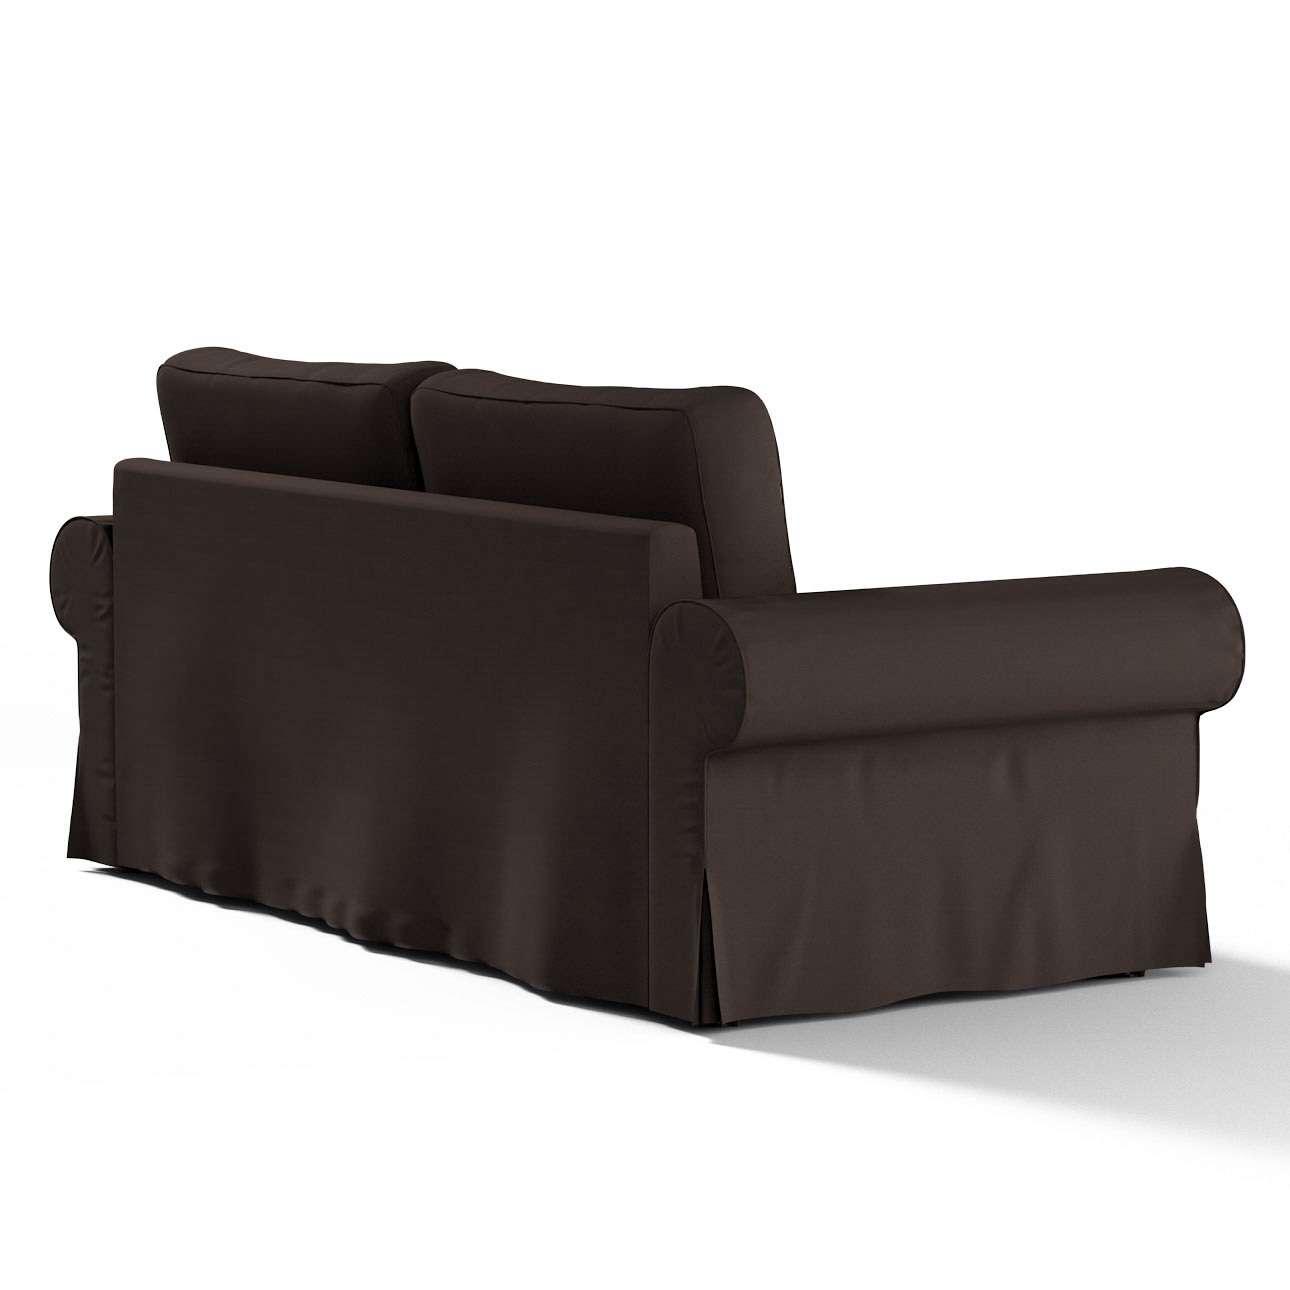 Backabro 3-Sitzer Sofabezug ausklappbar Backabro 3-Sitzer Sofa von der Kollektion Cotton Panama, Stoff: 702-03